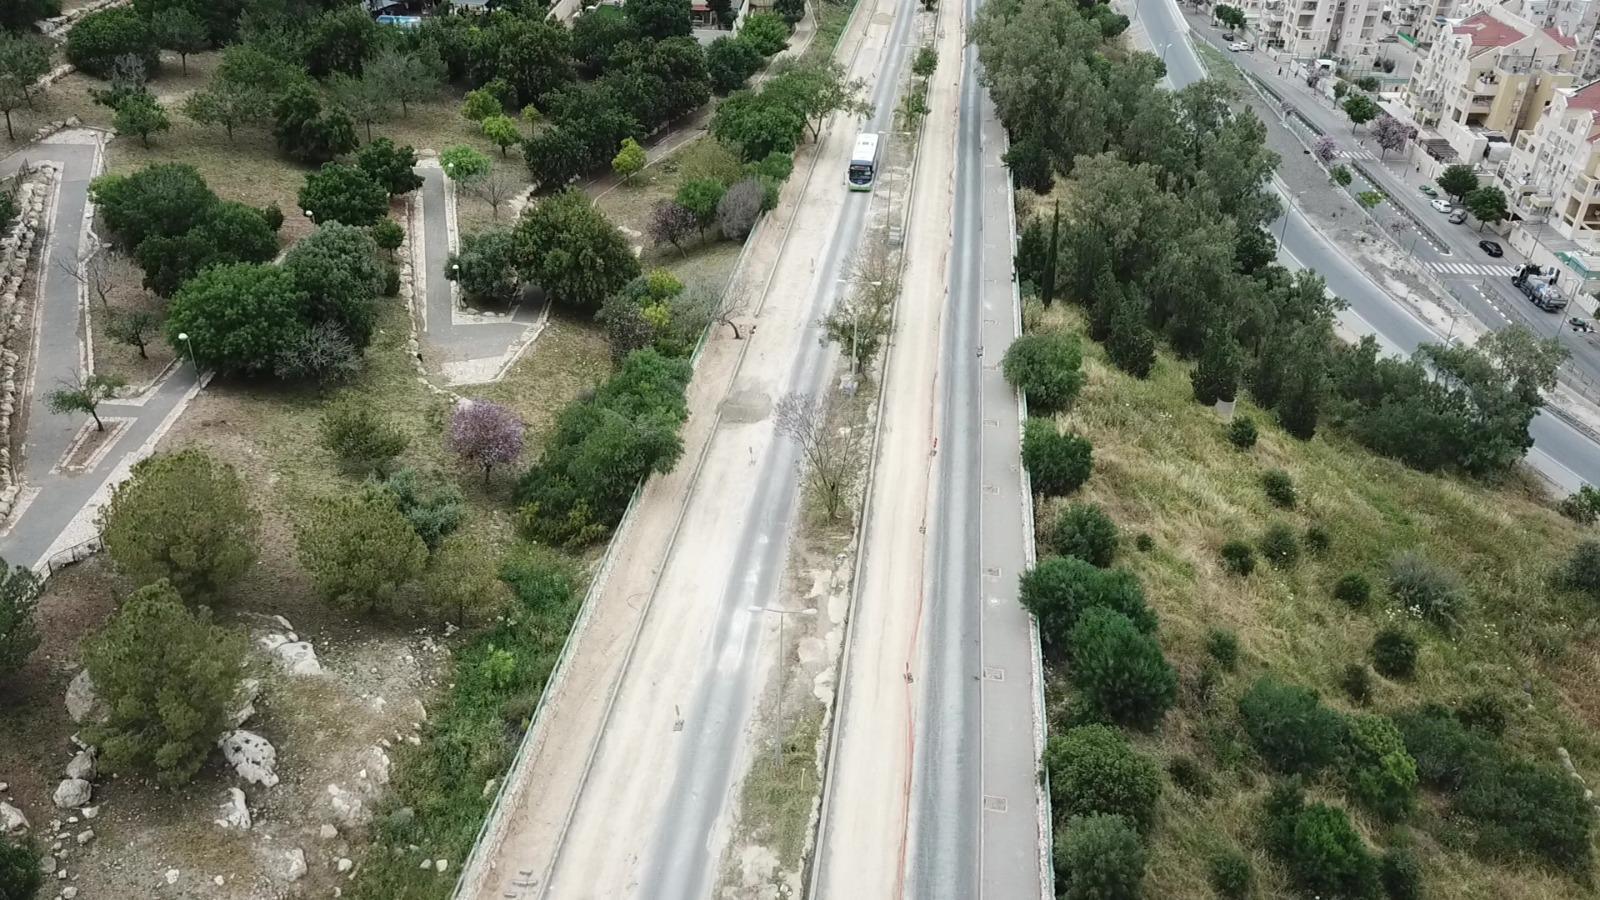 כביש לוי אשכול (צילום: רווח הפקות)